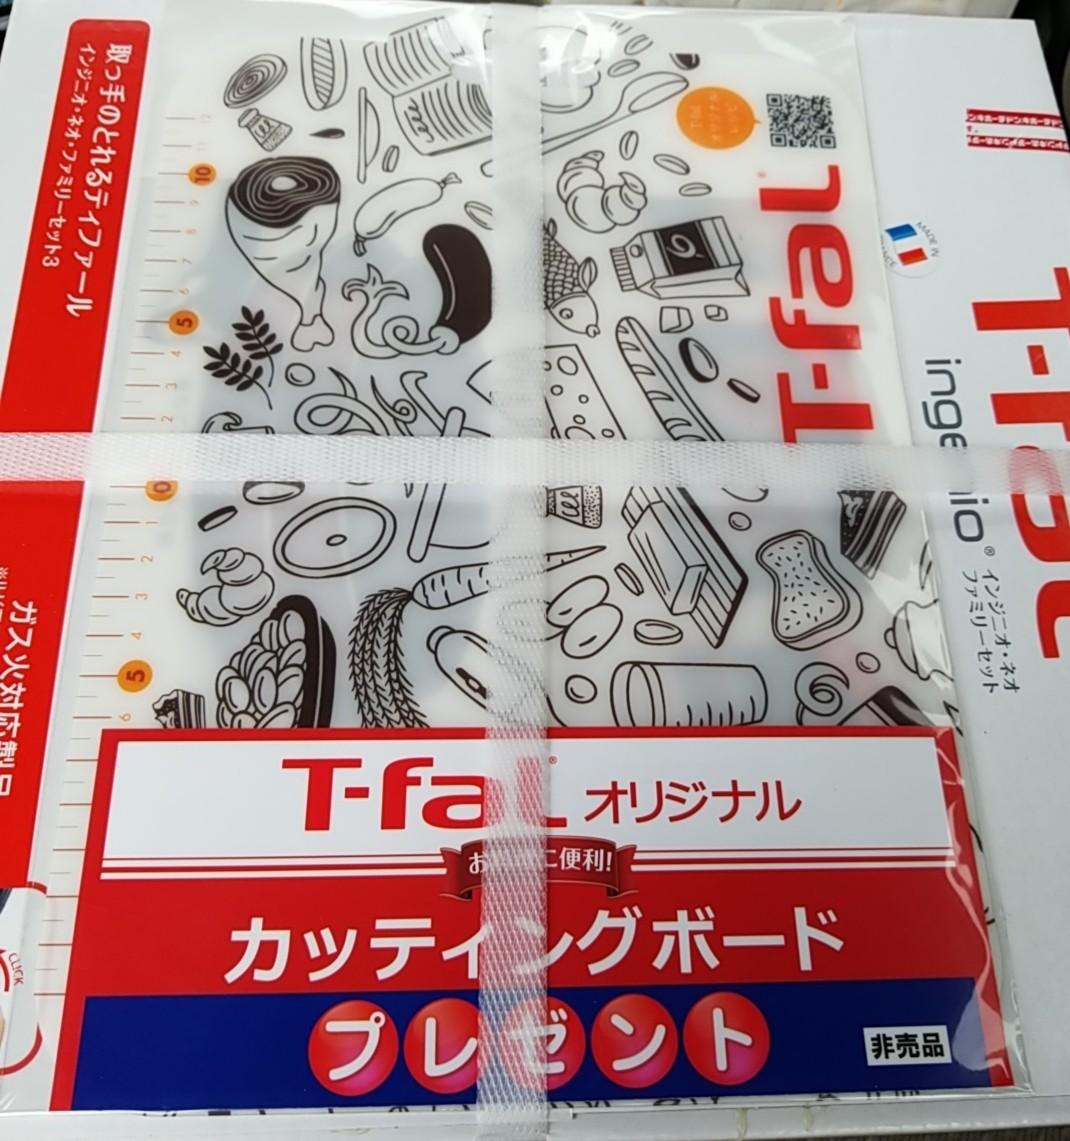 ティファール  インジニオ・ネオ  新品未開封  T-FAL フライパンセット  非売品 カッティングポード付き